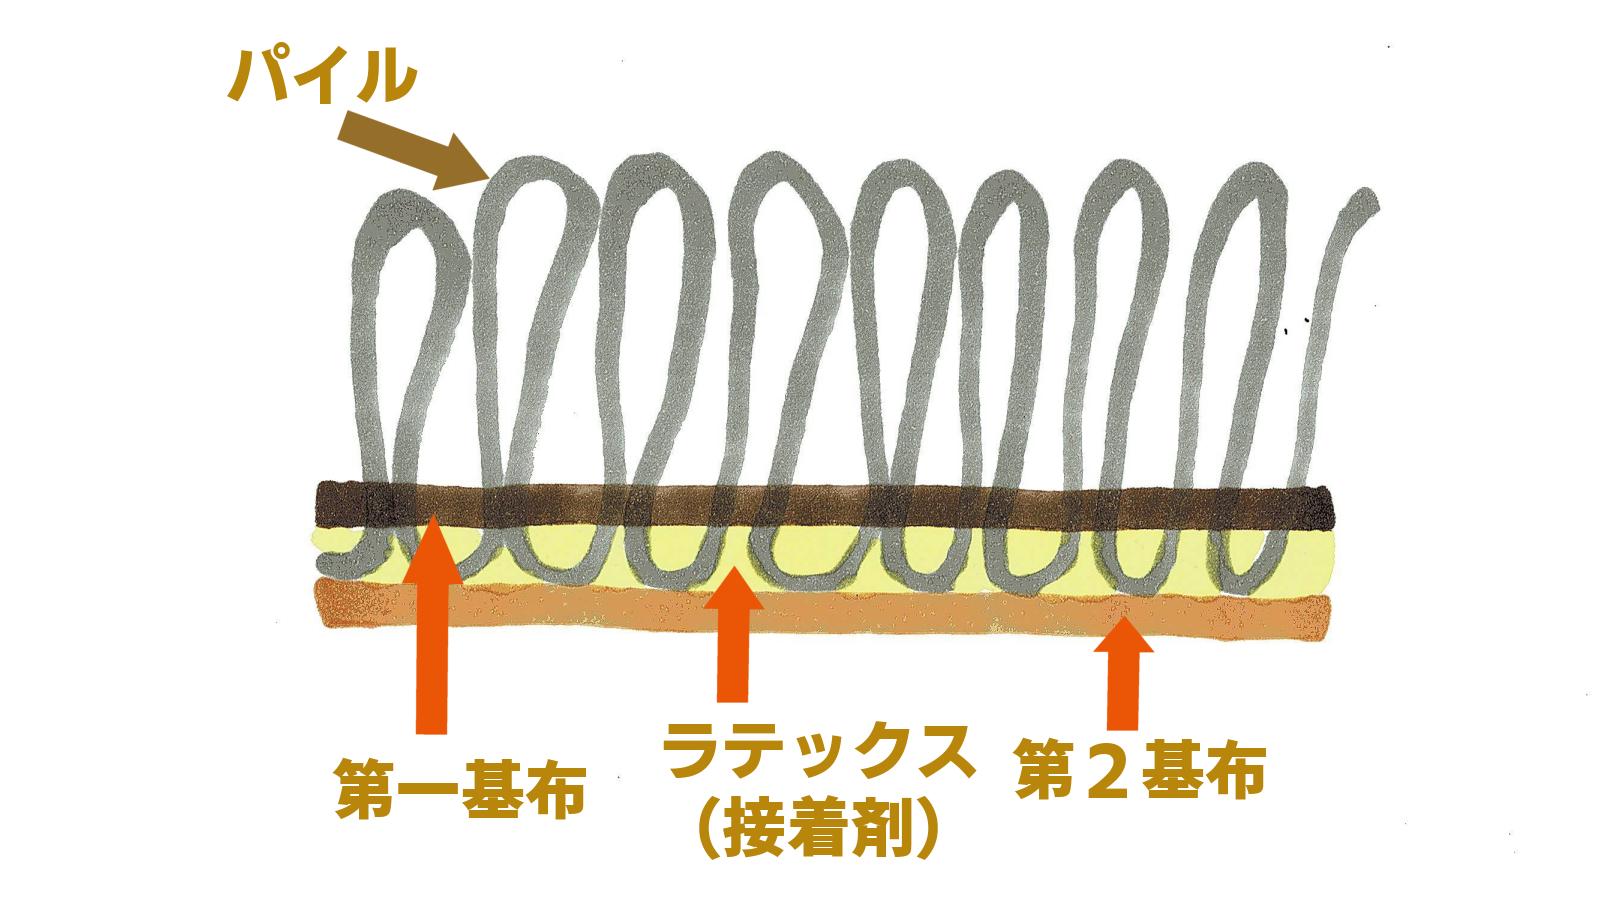 タイルカーペットの構造